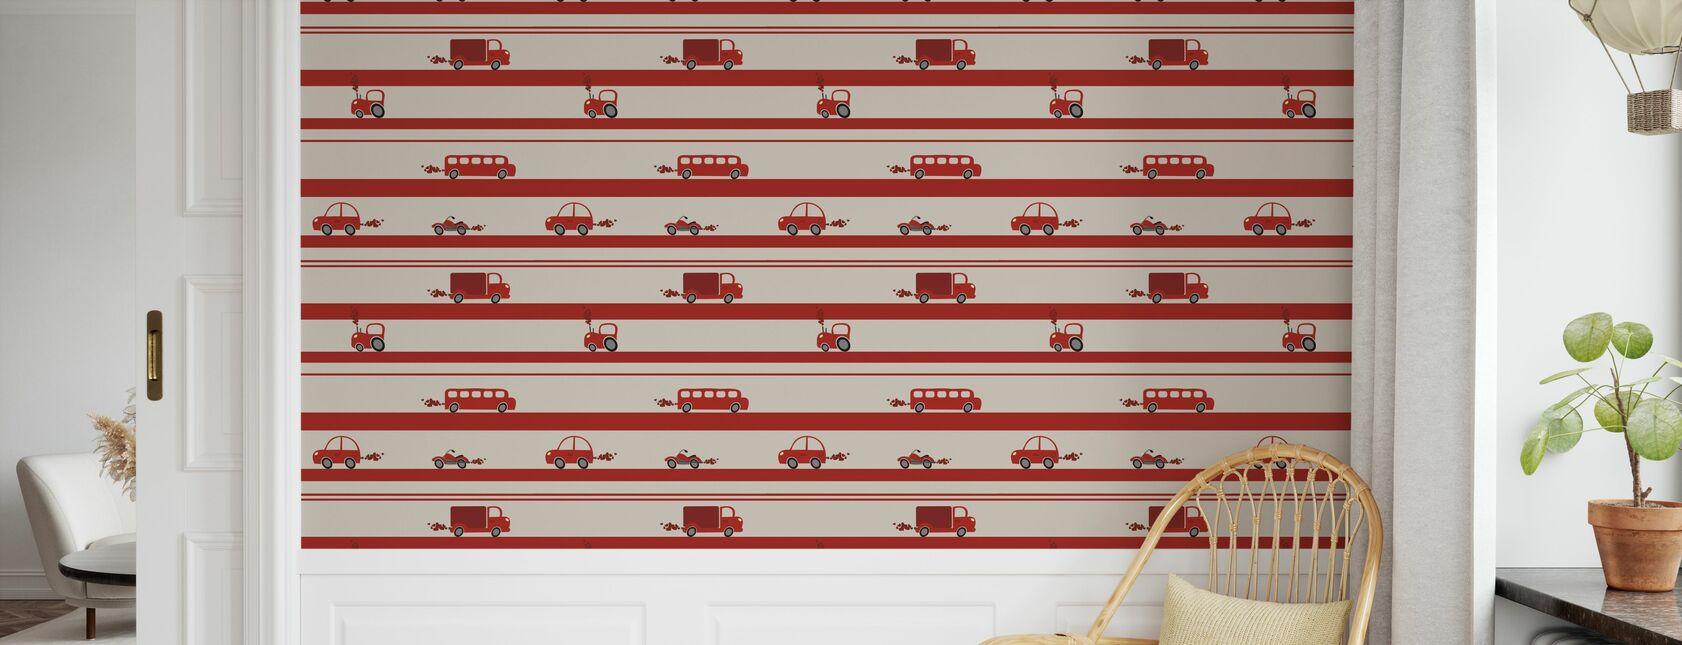 Brum Brum - Red - Papier peint - Chambre des enfants